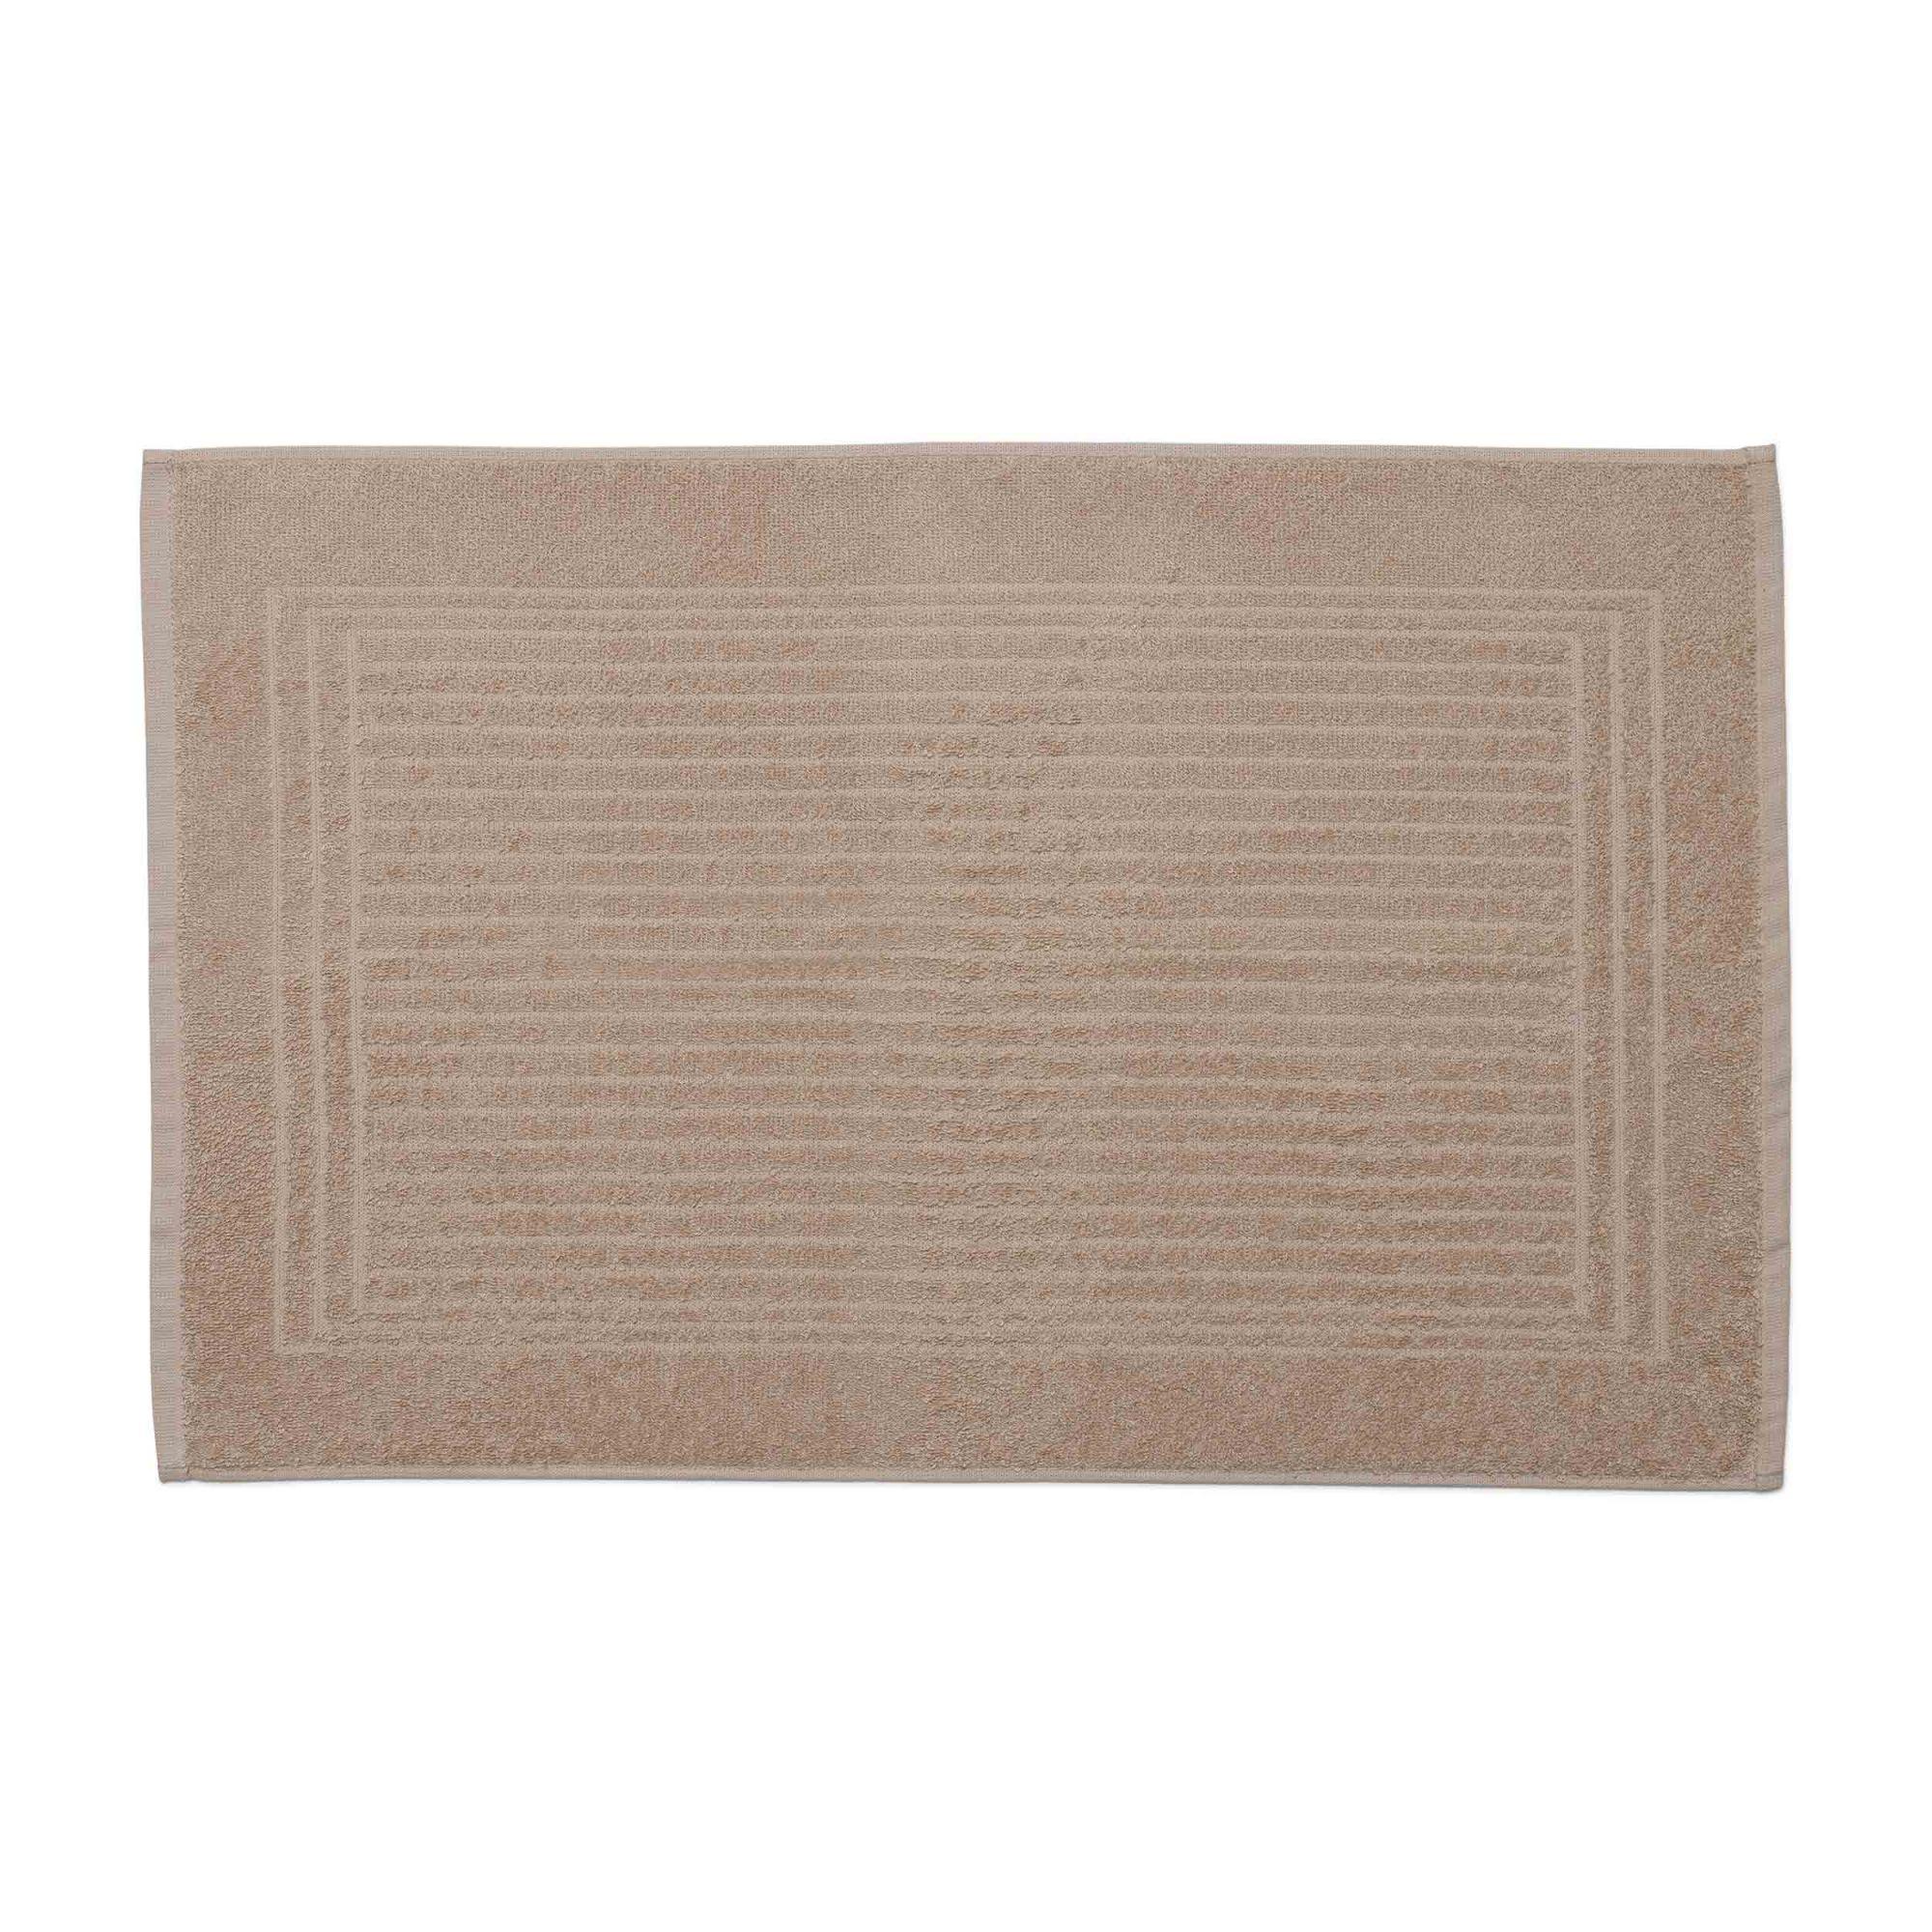 Piso para banheiro cedro santista 45cm x 70cm 100% algodao bege